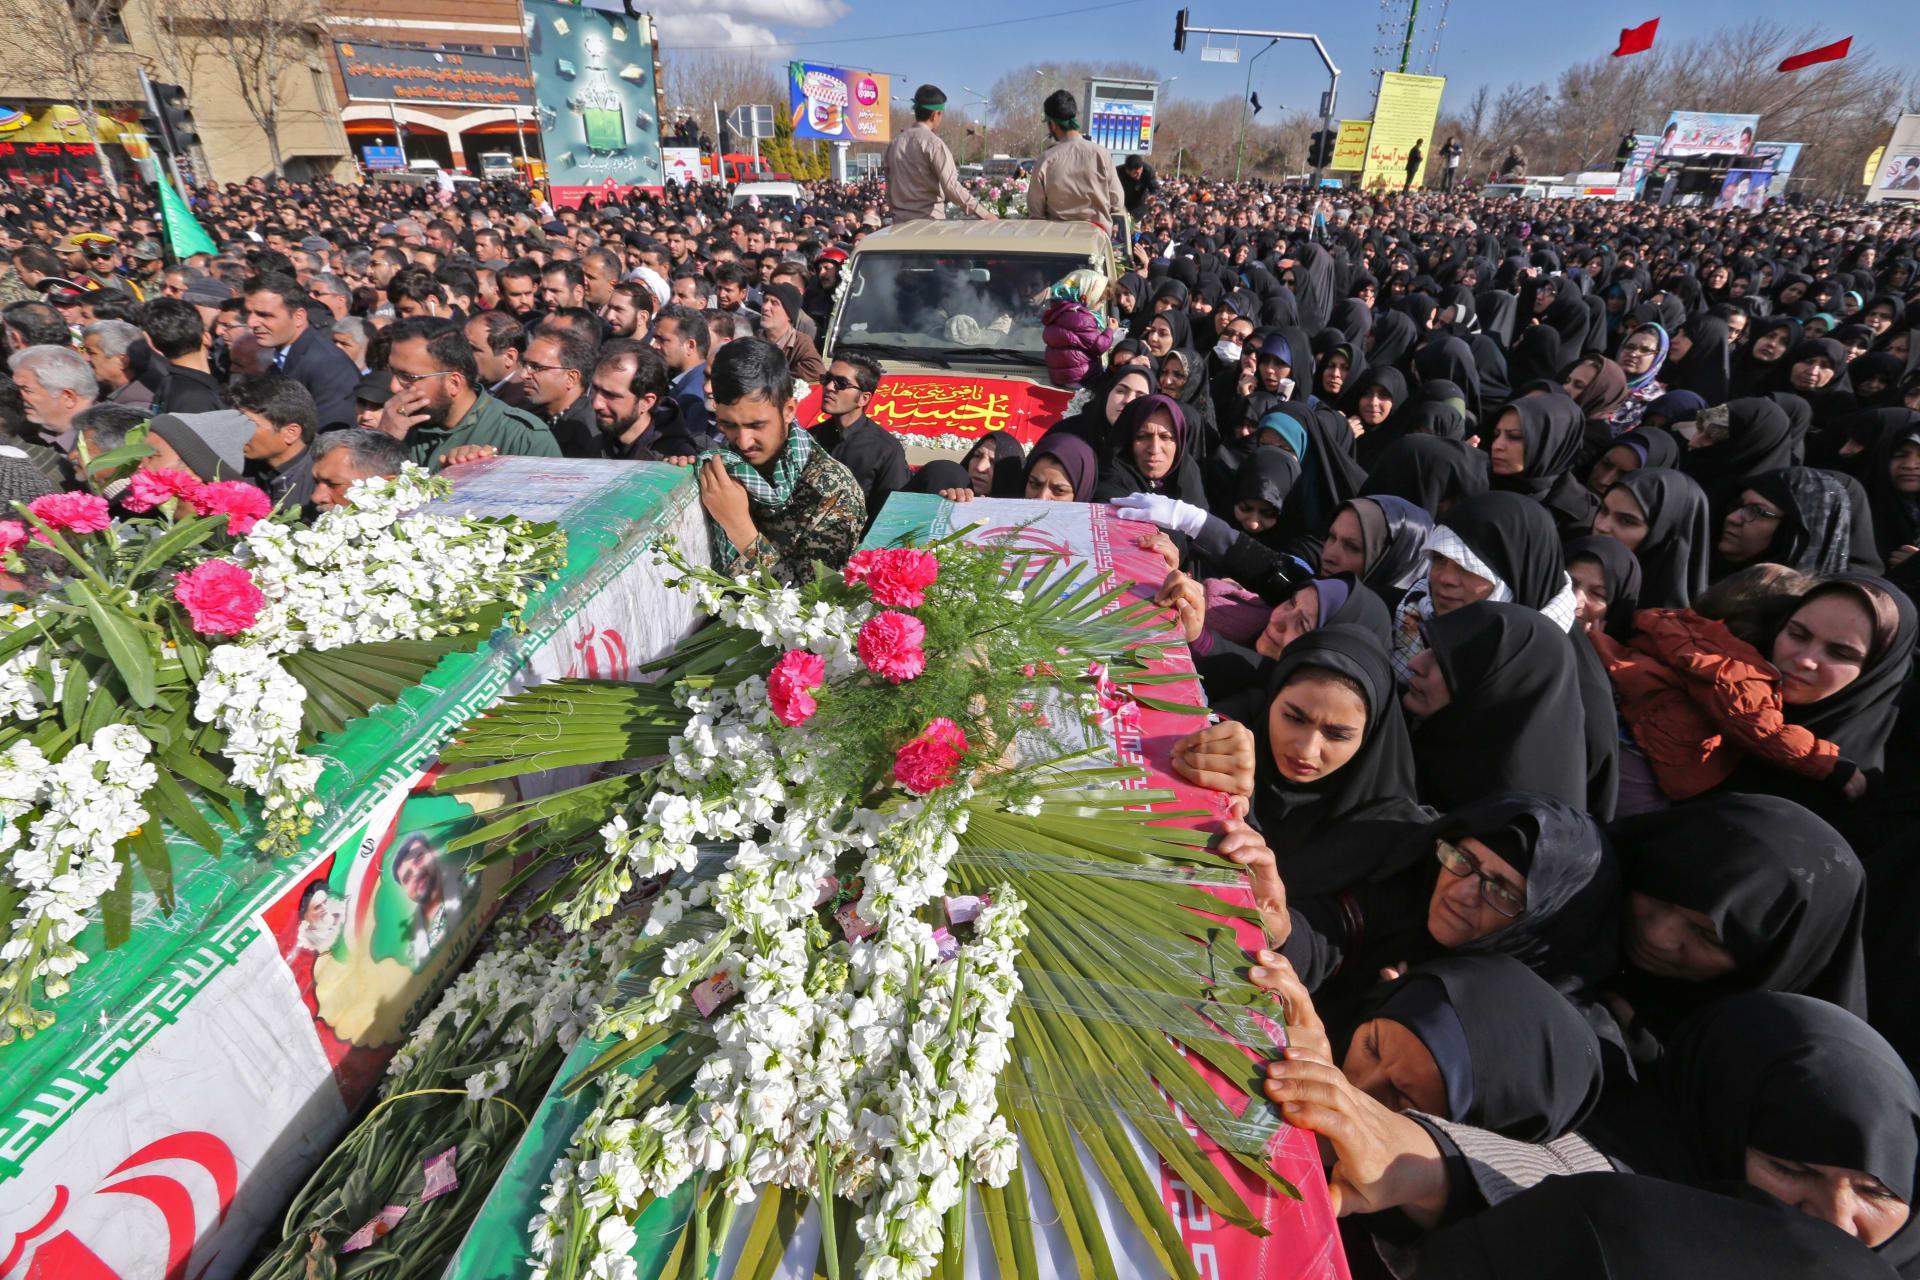 """مستشار خامنئي: النظام السعودي """"لن يدوم"""" وإيران ستصبح القوة العظمى بالمنطقة"""